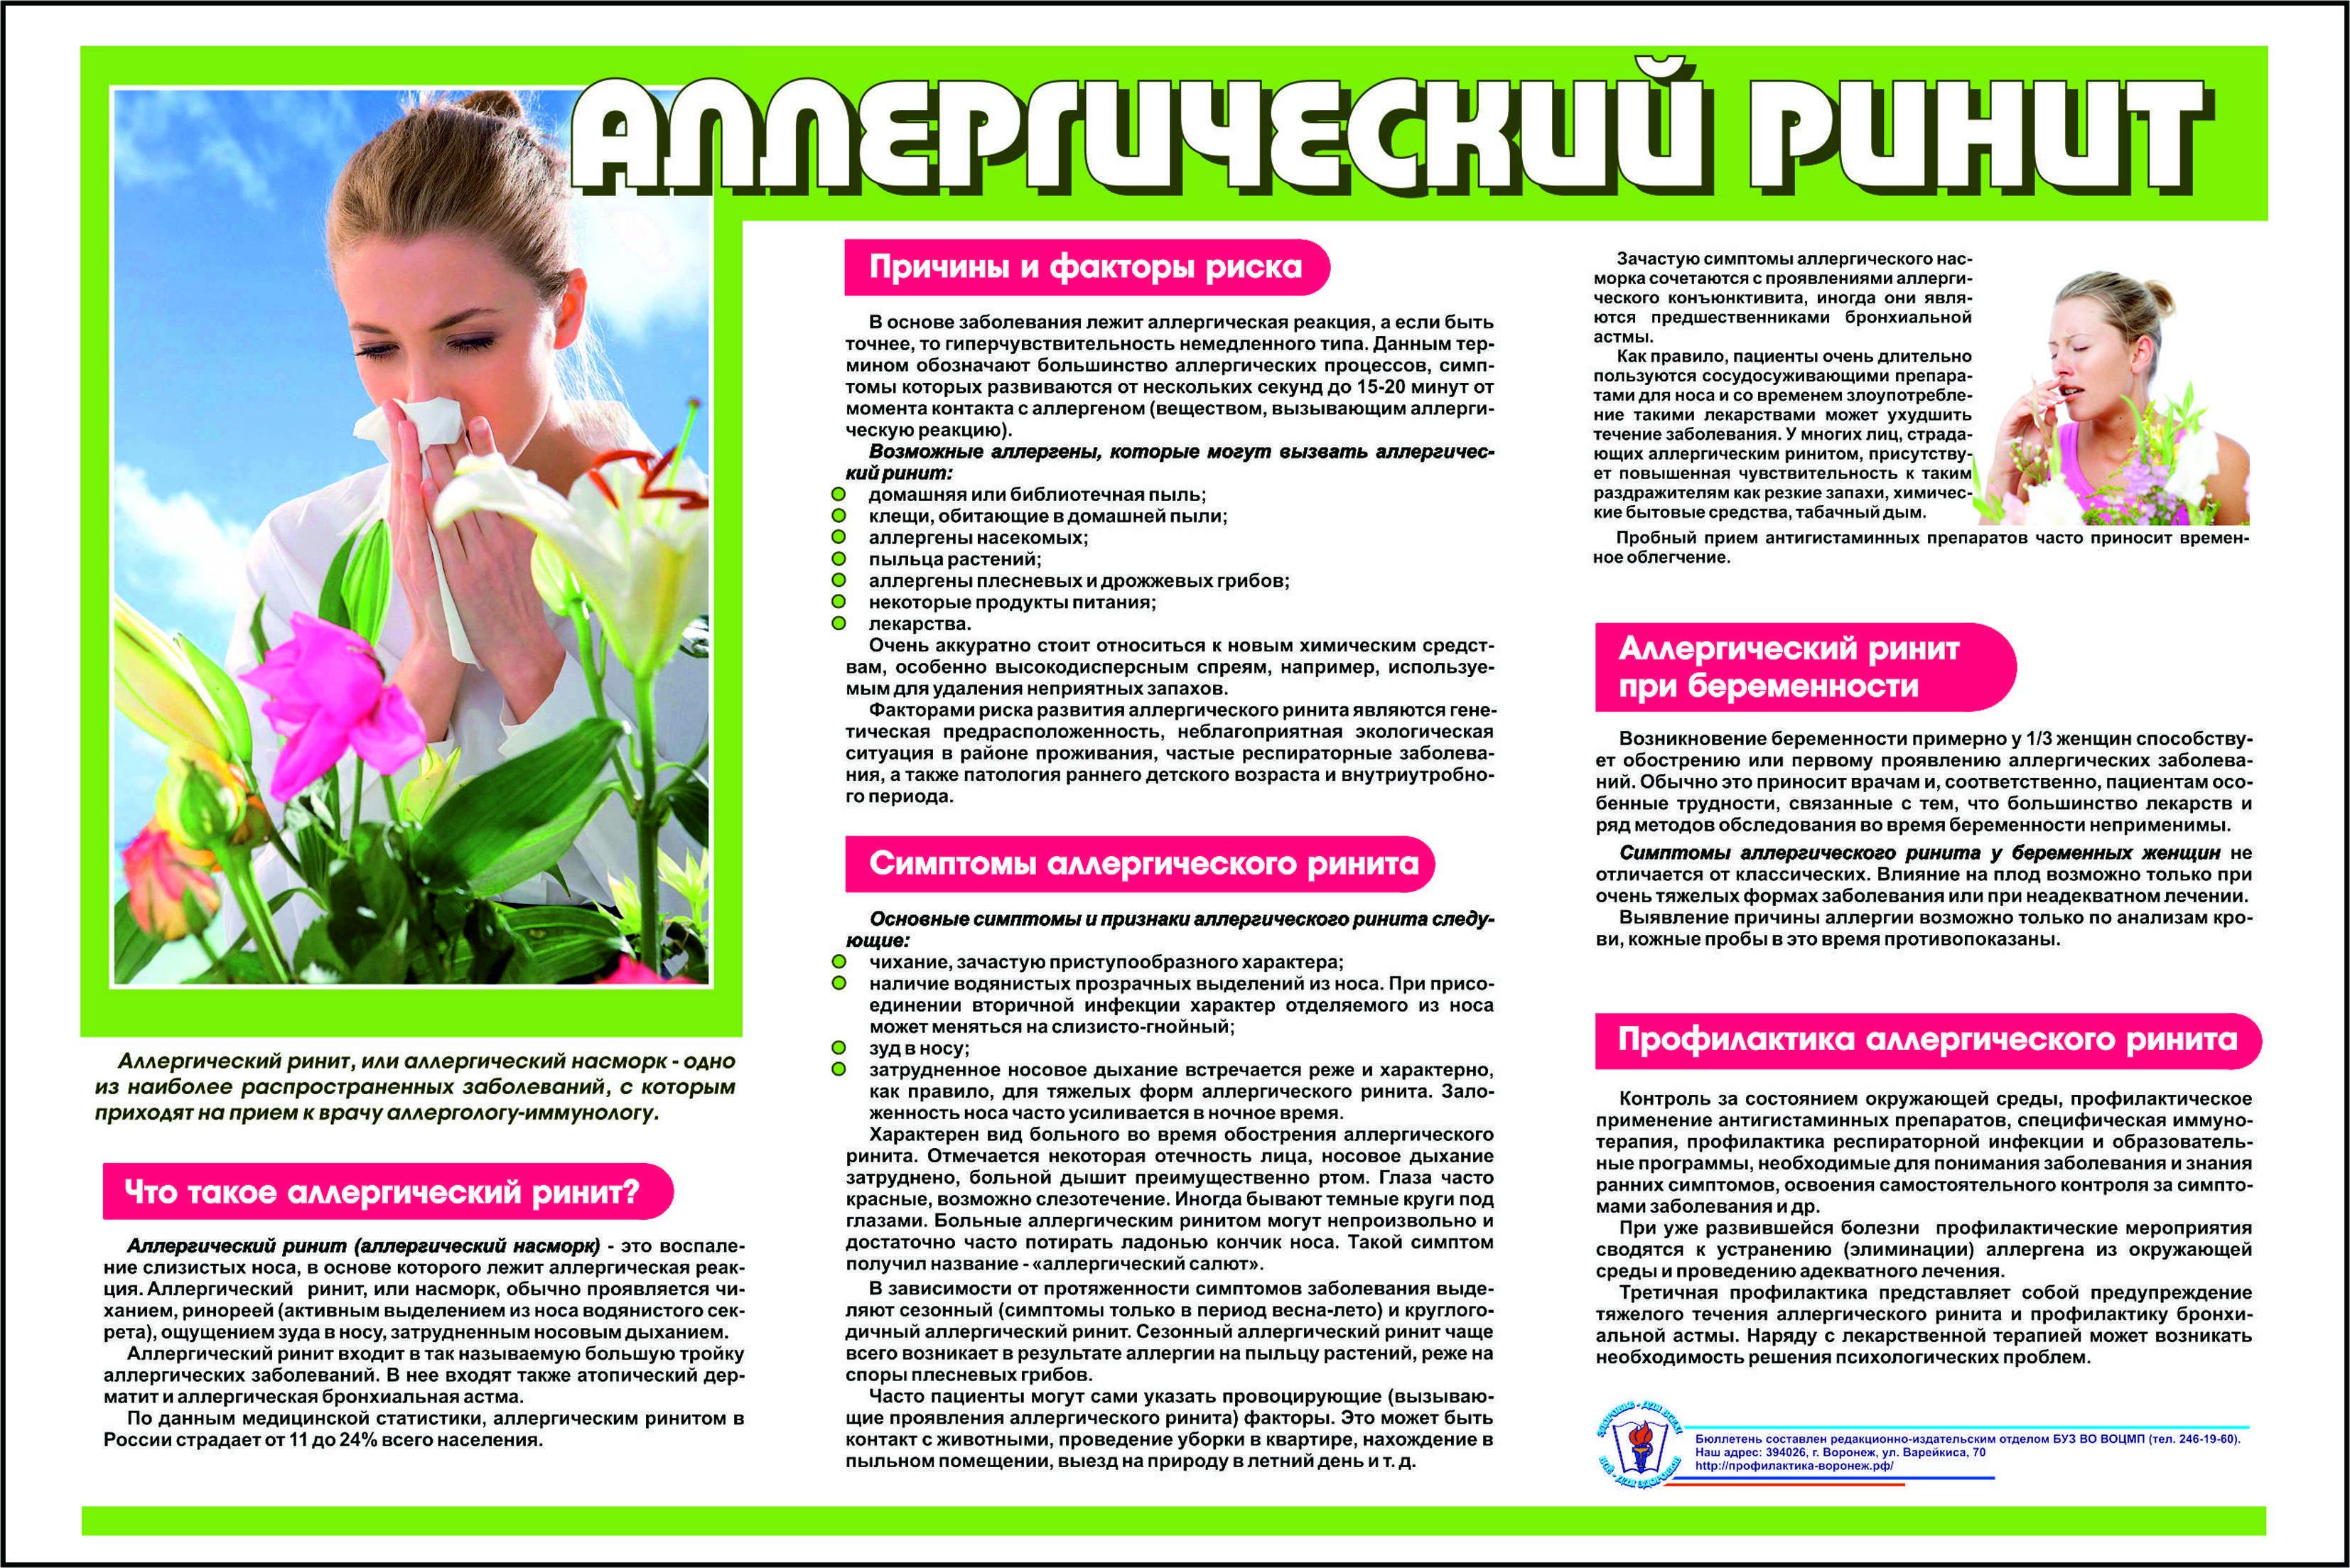 Ринит: причины, симптомы, лечение, осложнения, профилактика